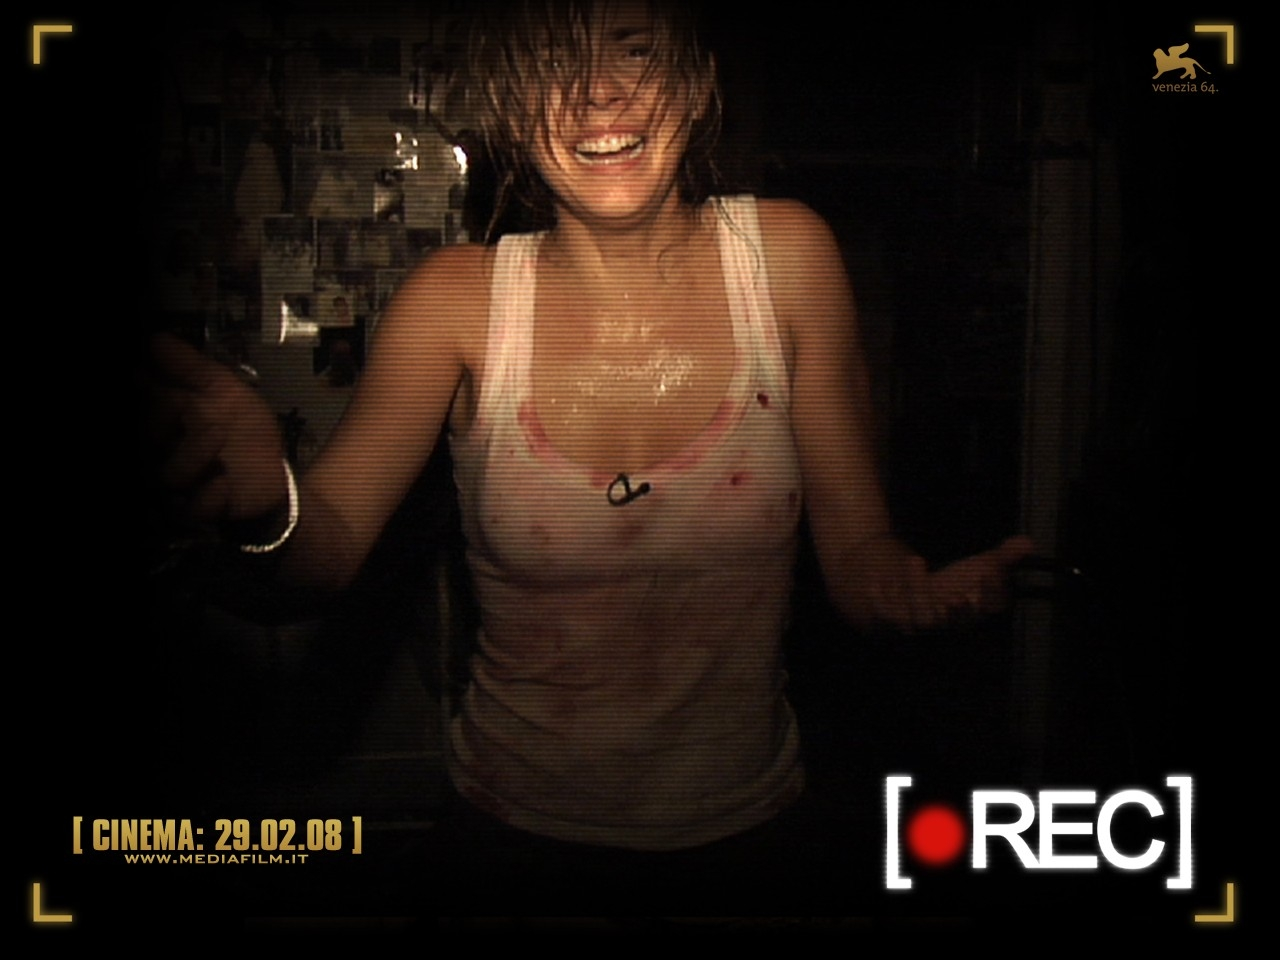 Wallpaper del film Rec - 5